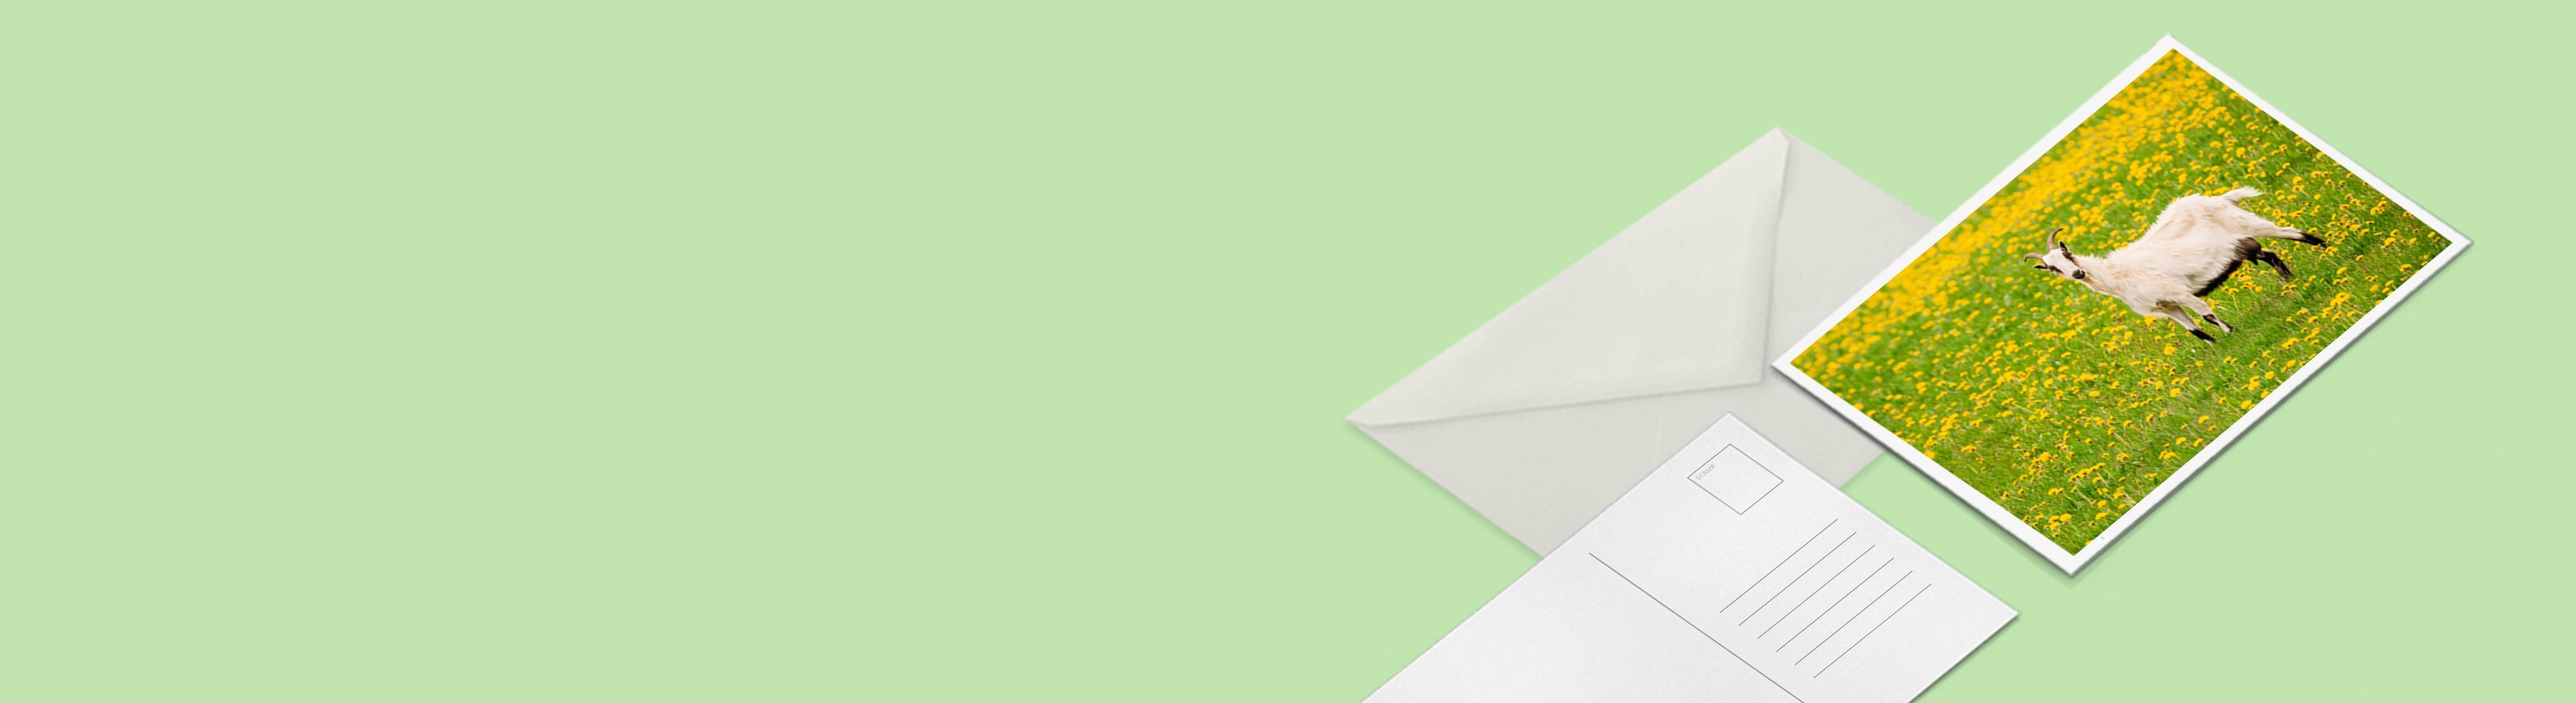 Imprimer carte postale écologique